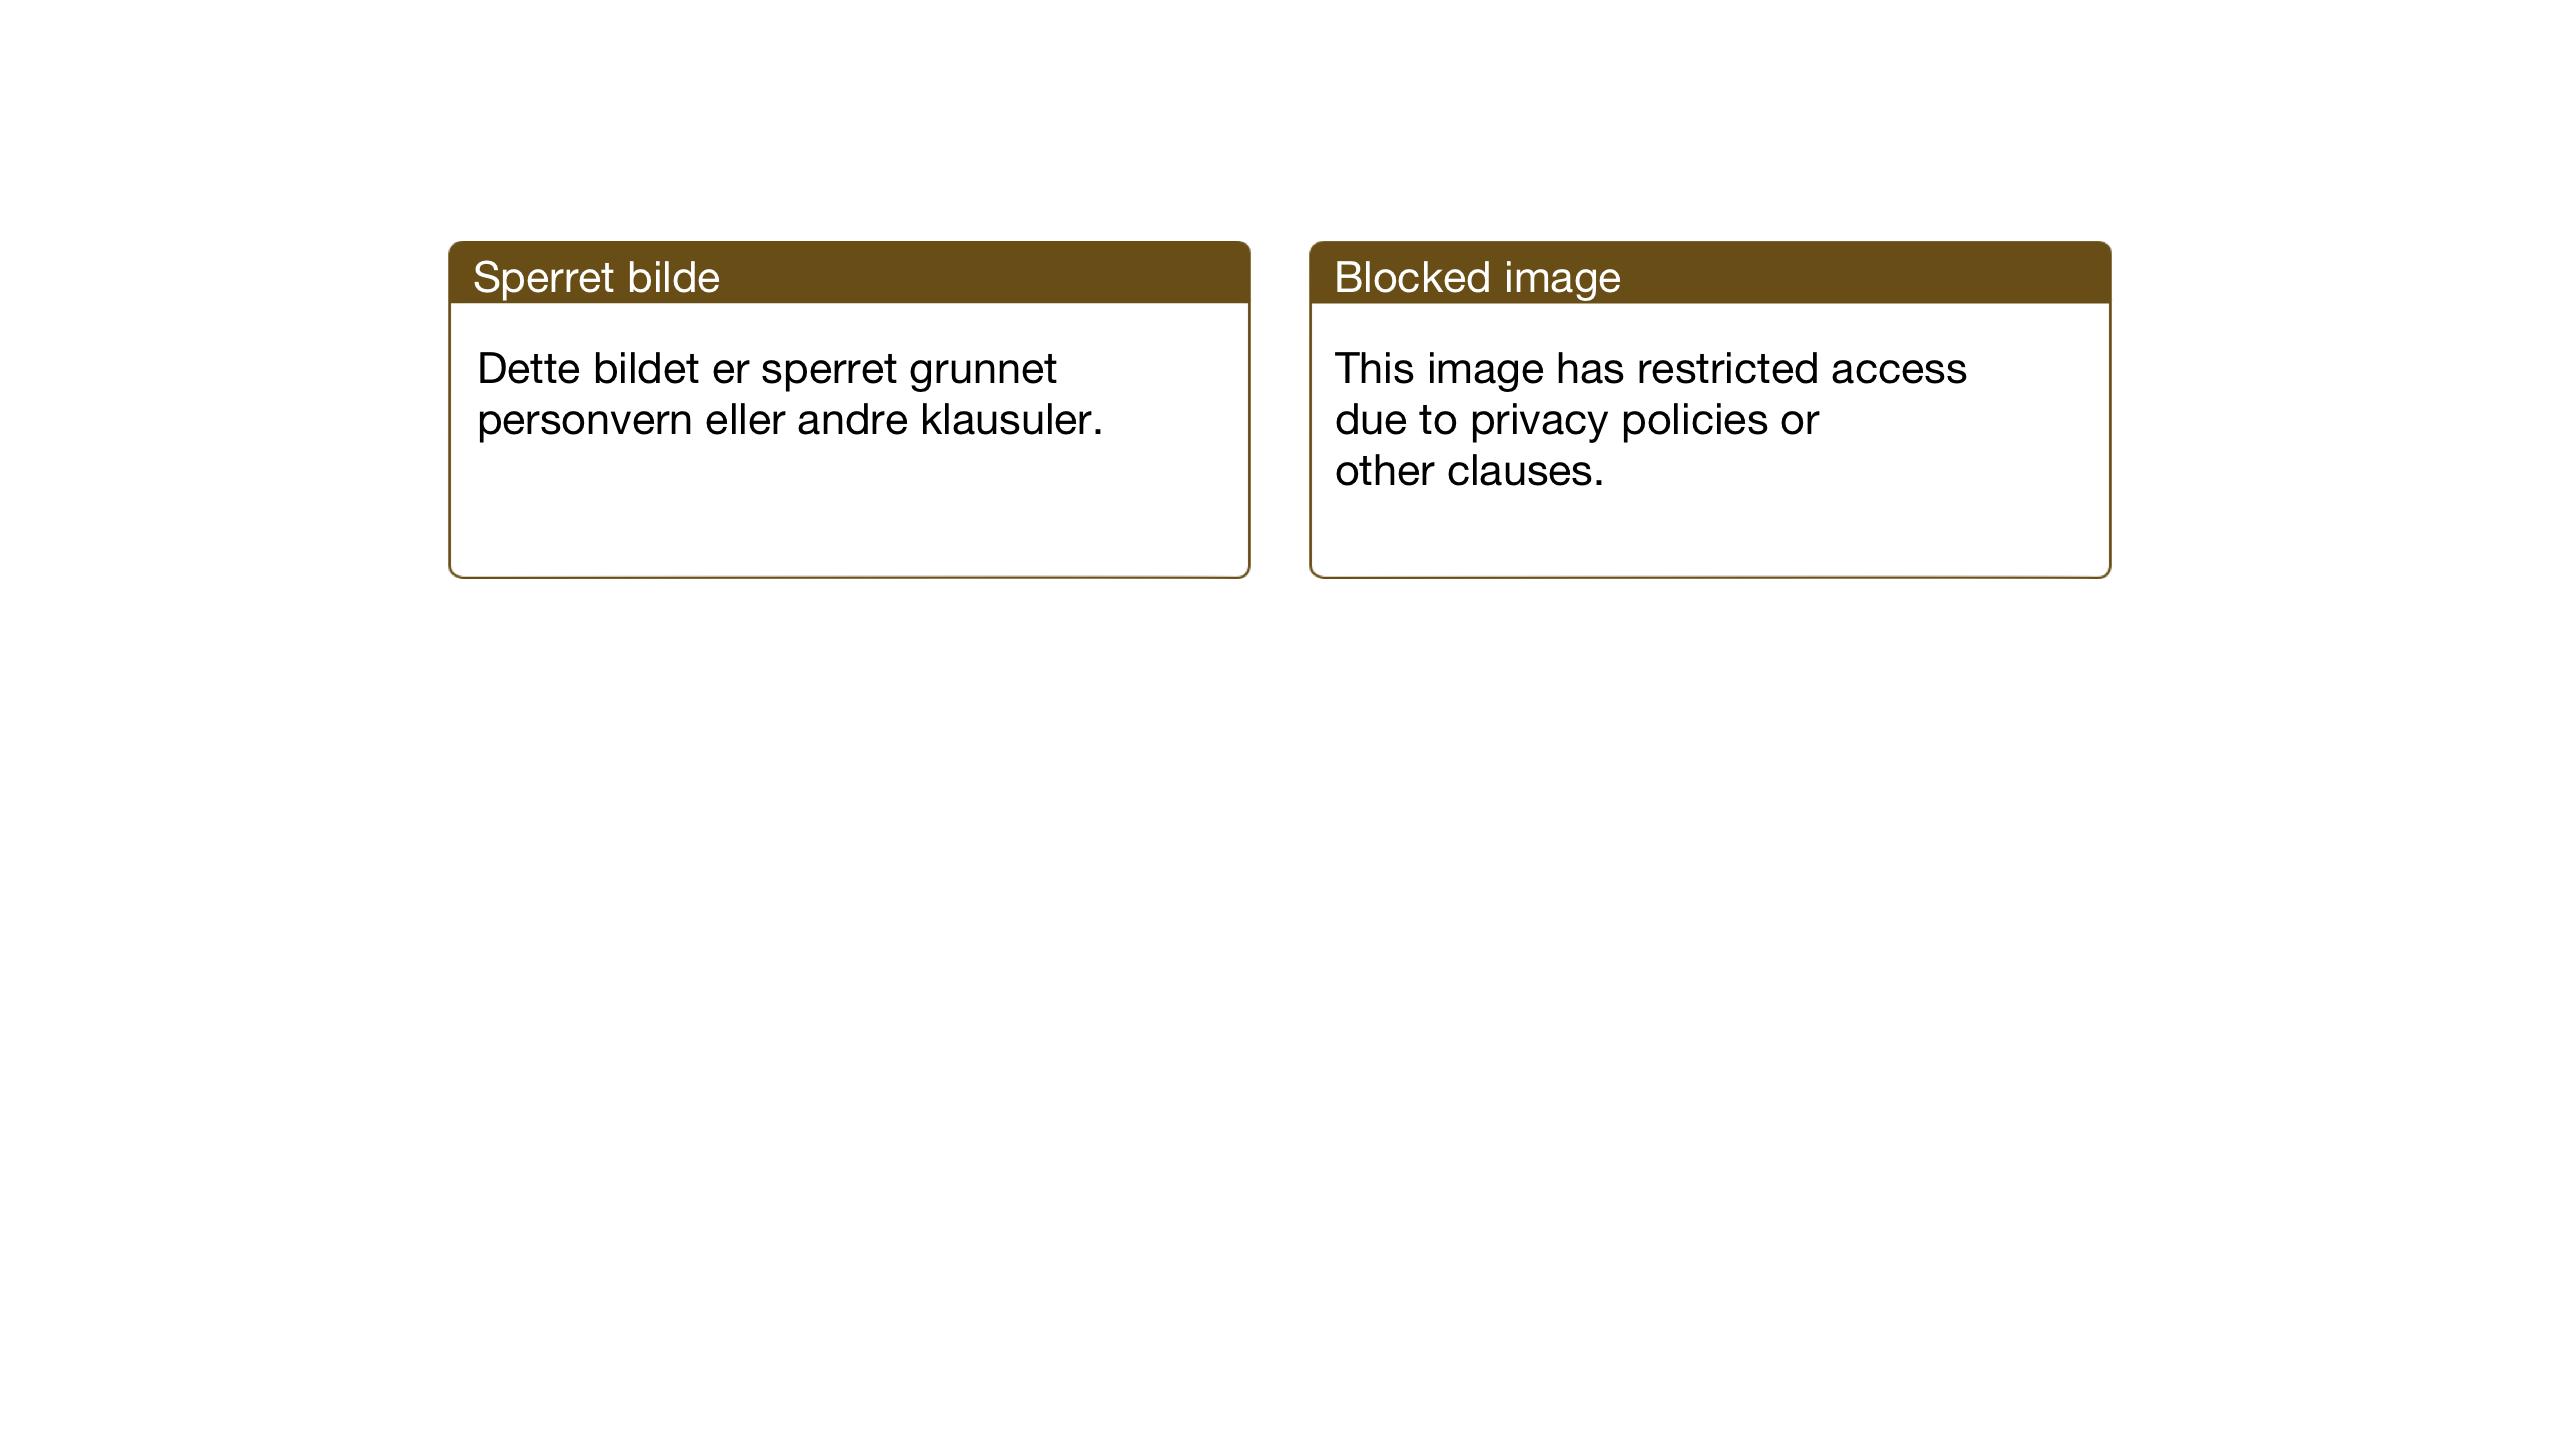 SAT, Ministerialprotokoller, klokkerbøker og fødselsregistre - Nord-Trøndelag, 712/L0104: Klokkerbok nr. 712C02, 1917-1939, s. 76